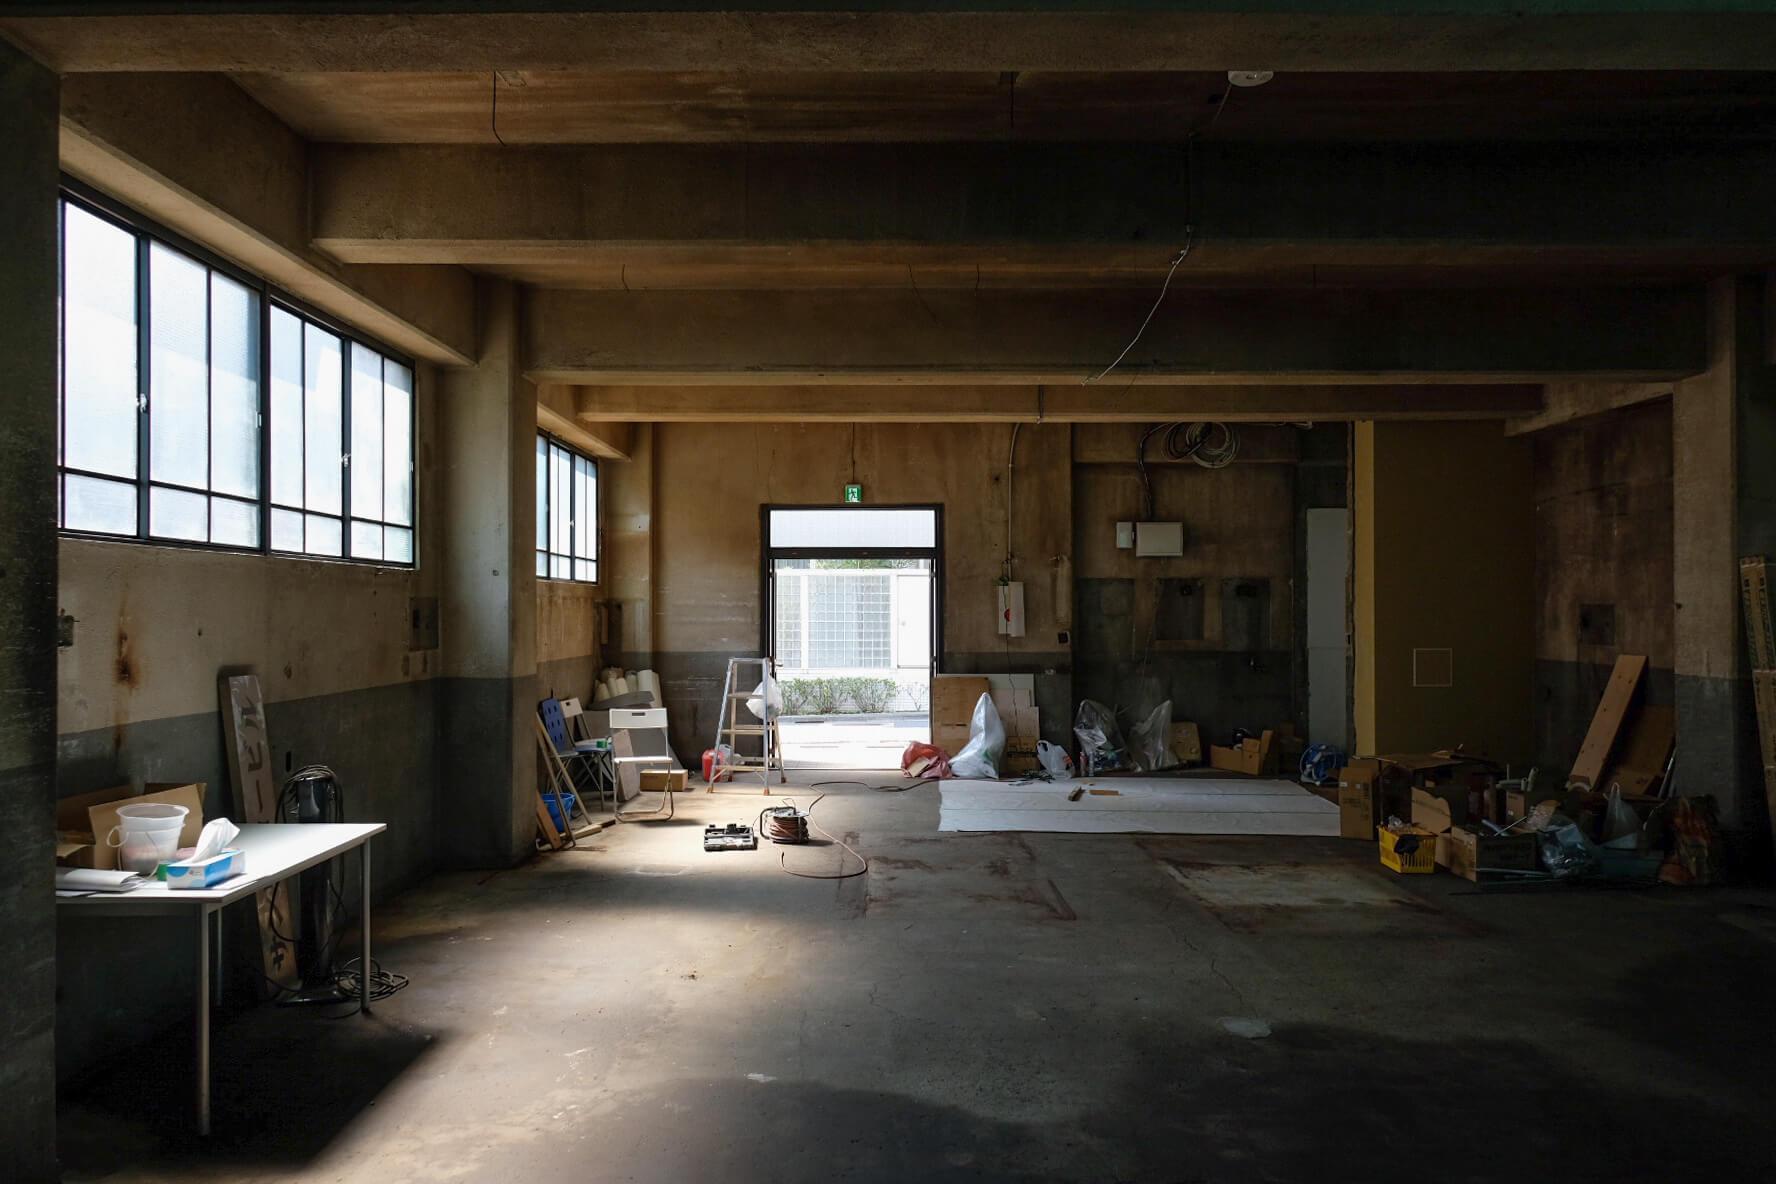 白金ロックアップ (港区白金の物件) - 東京R不動産